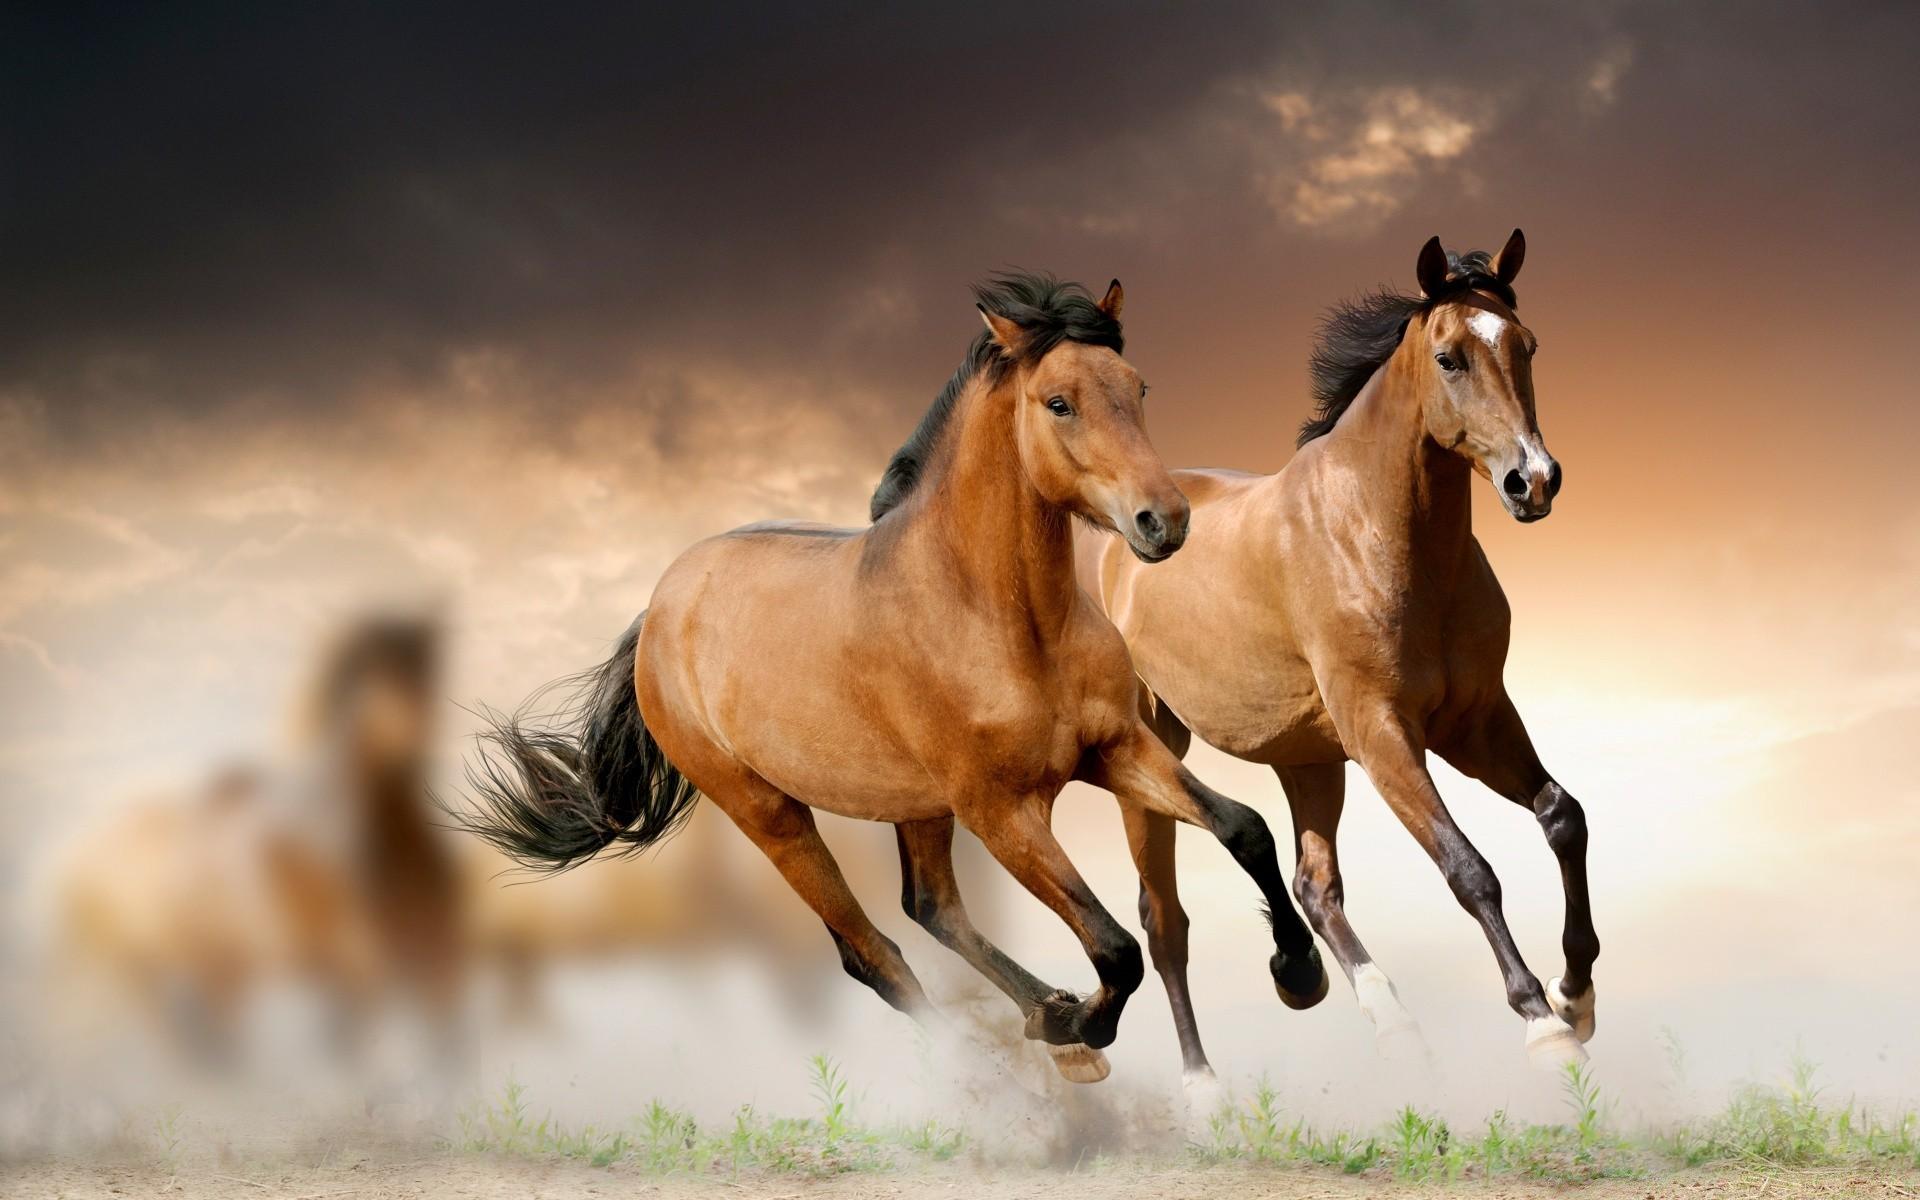 Картинка лошадь на рабочий стол